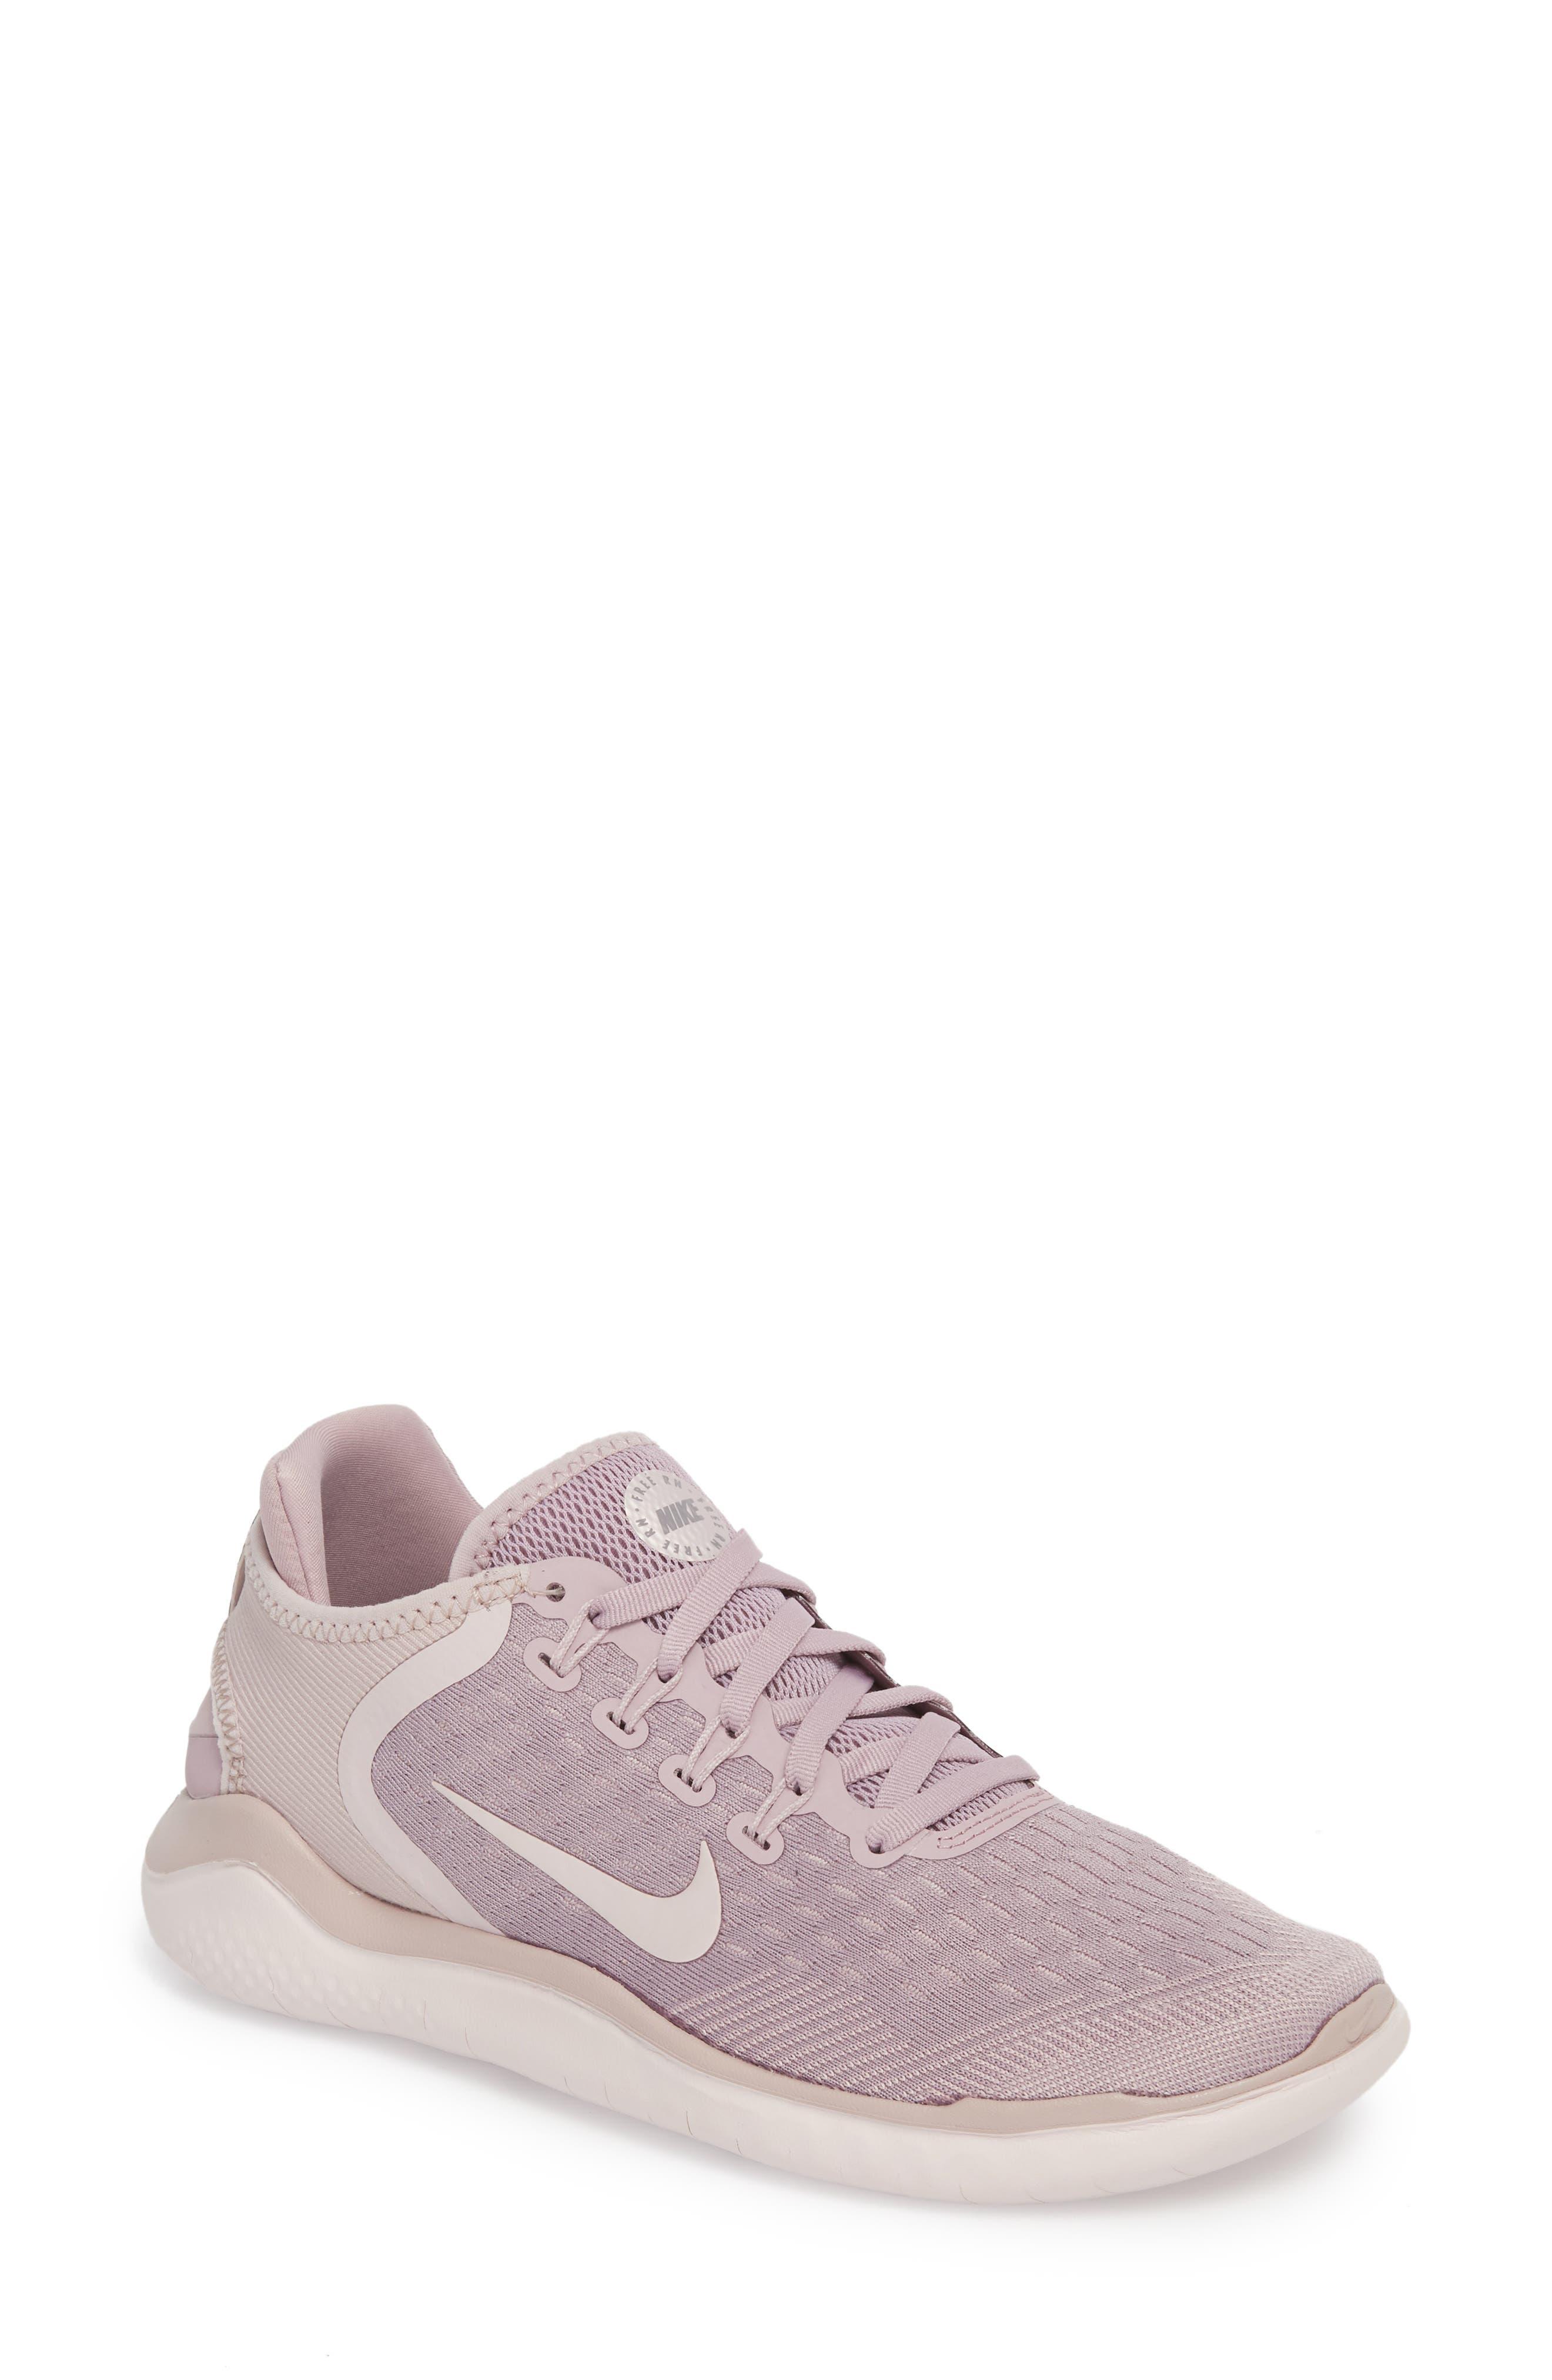 Free RN 2018 Running Shoe, Main, color, Elemental Rose/ Gunsmoke